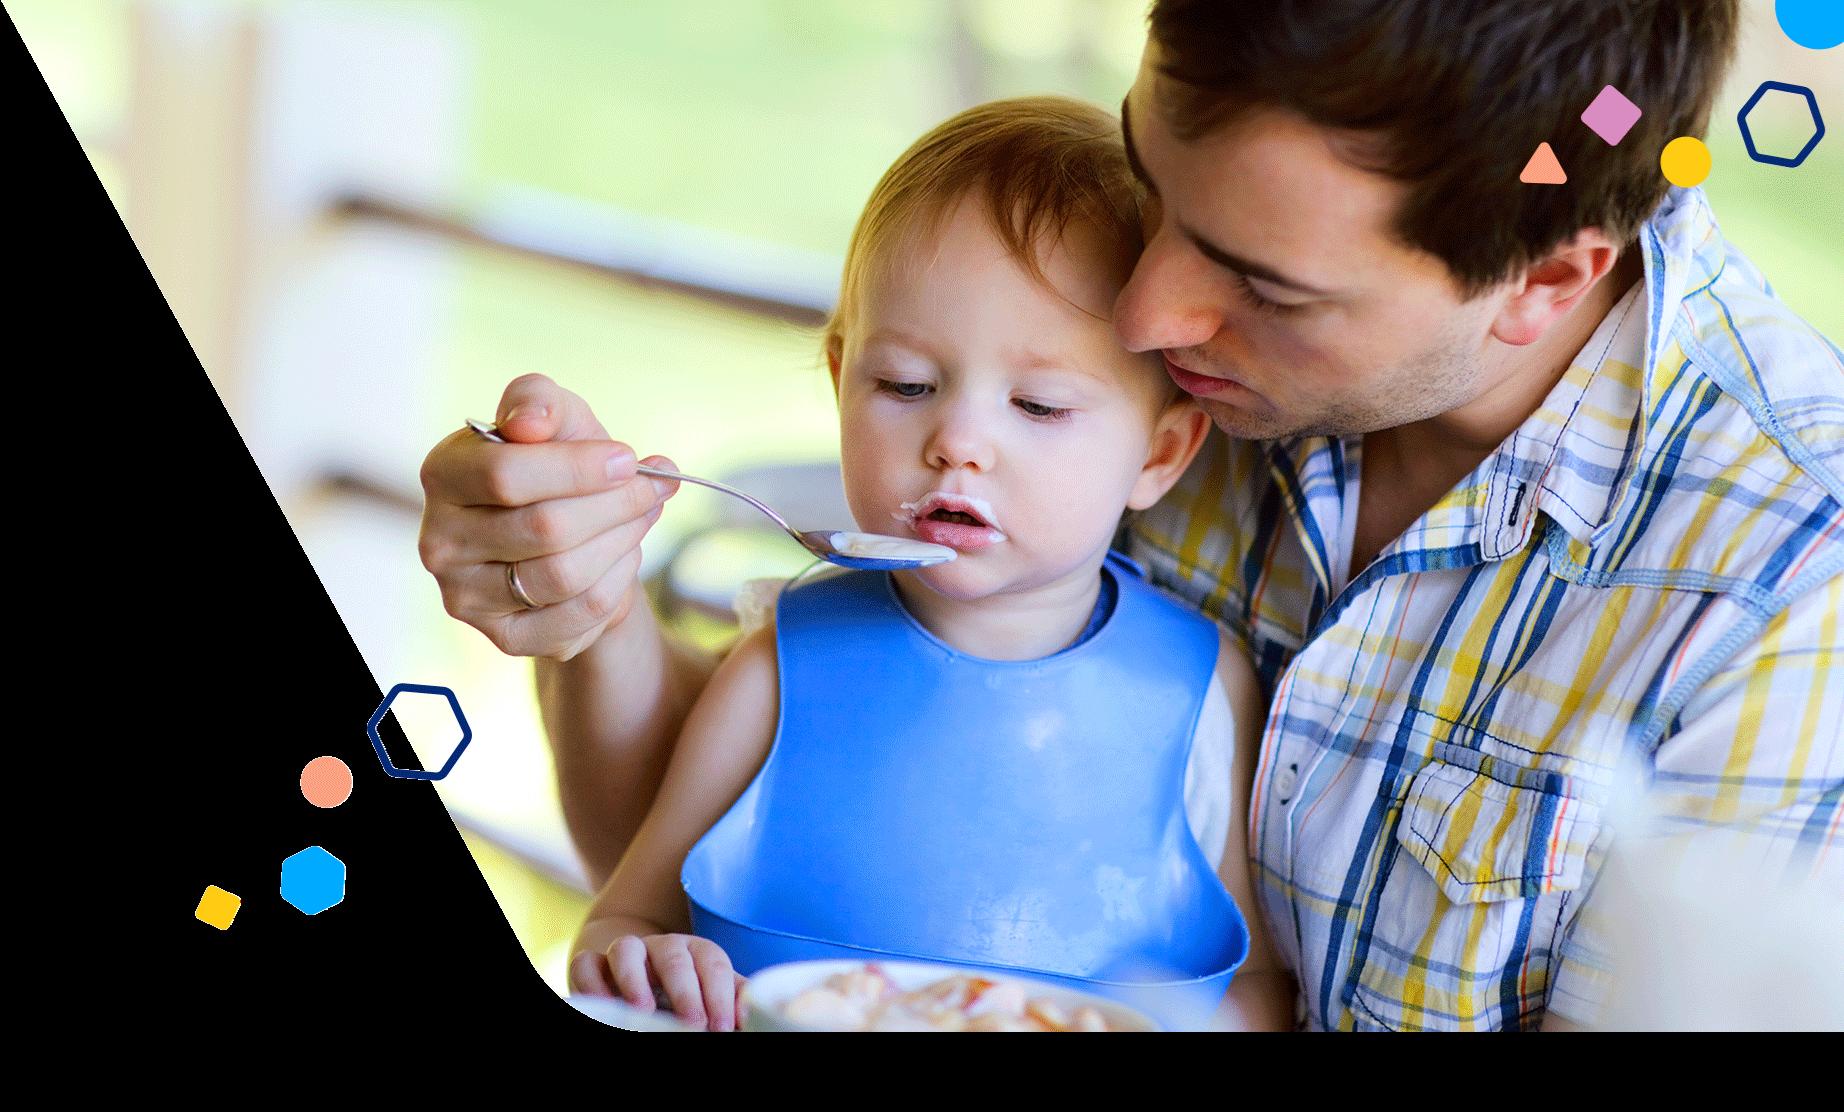 toddler-meals-dealing-food-jags